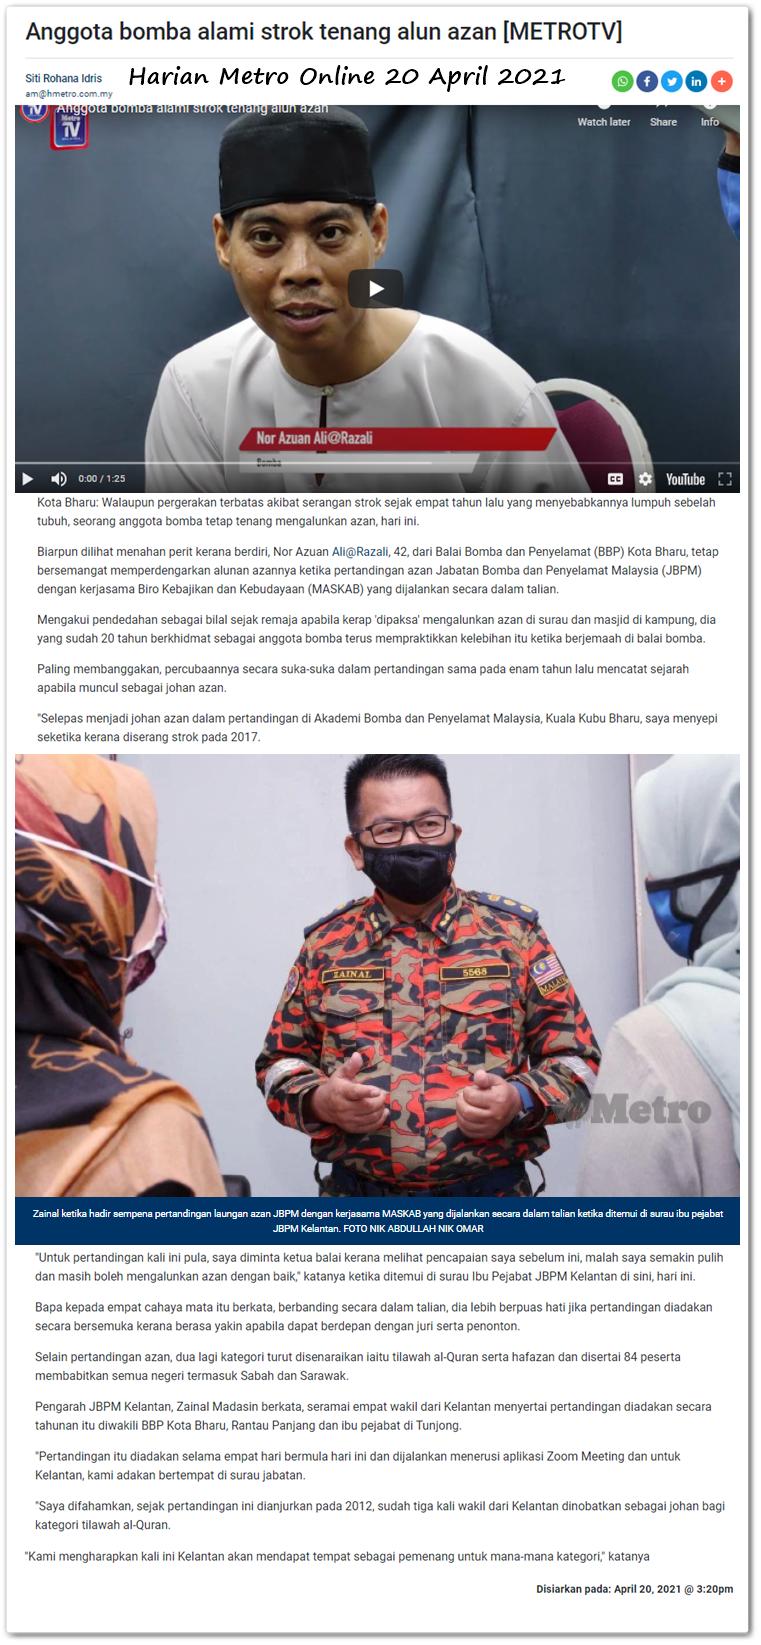 Anggota bomba alami strok tenang alun azan - Keratan akhbar dalam talian Harian Metro 20 April 2021